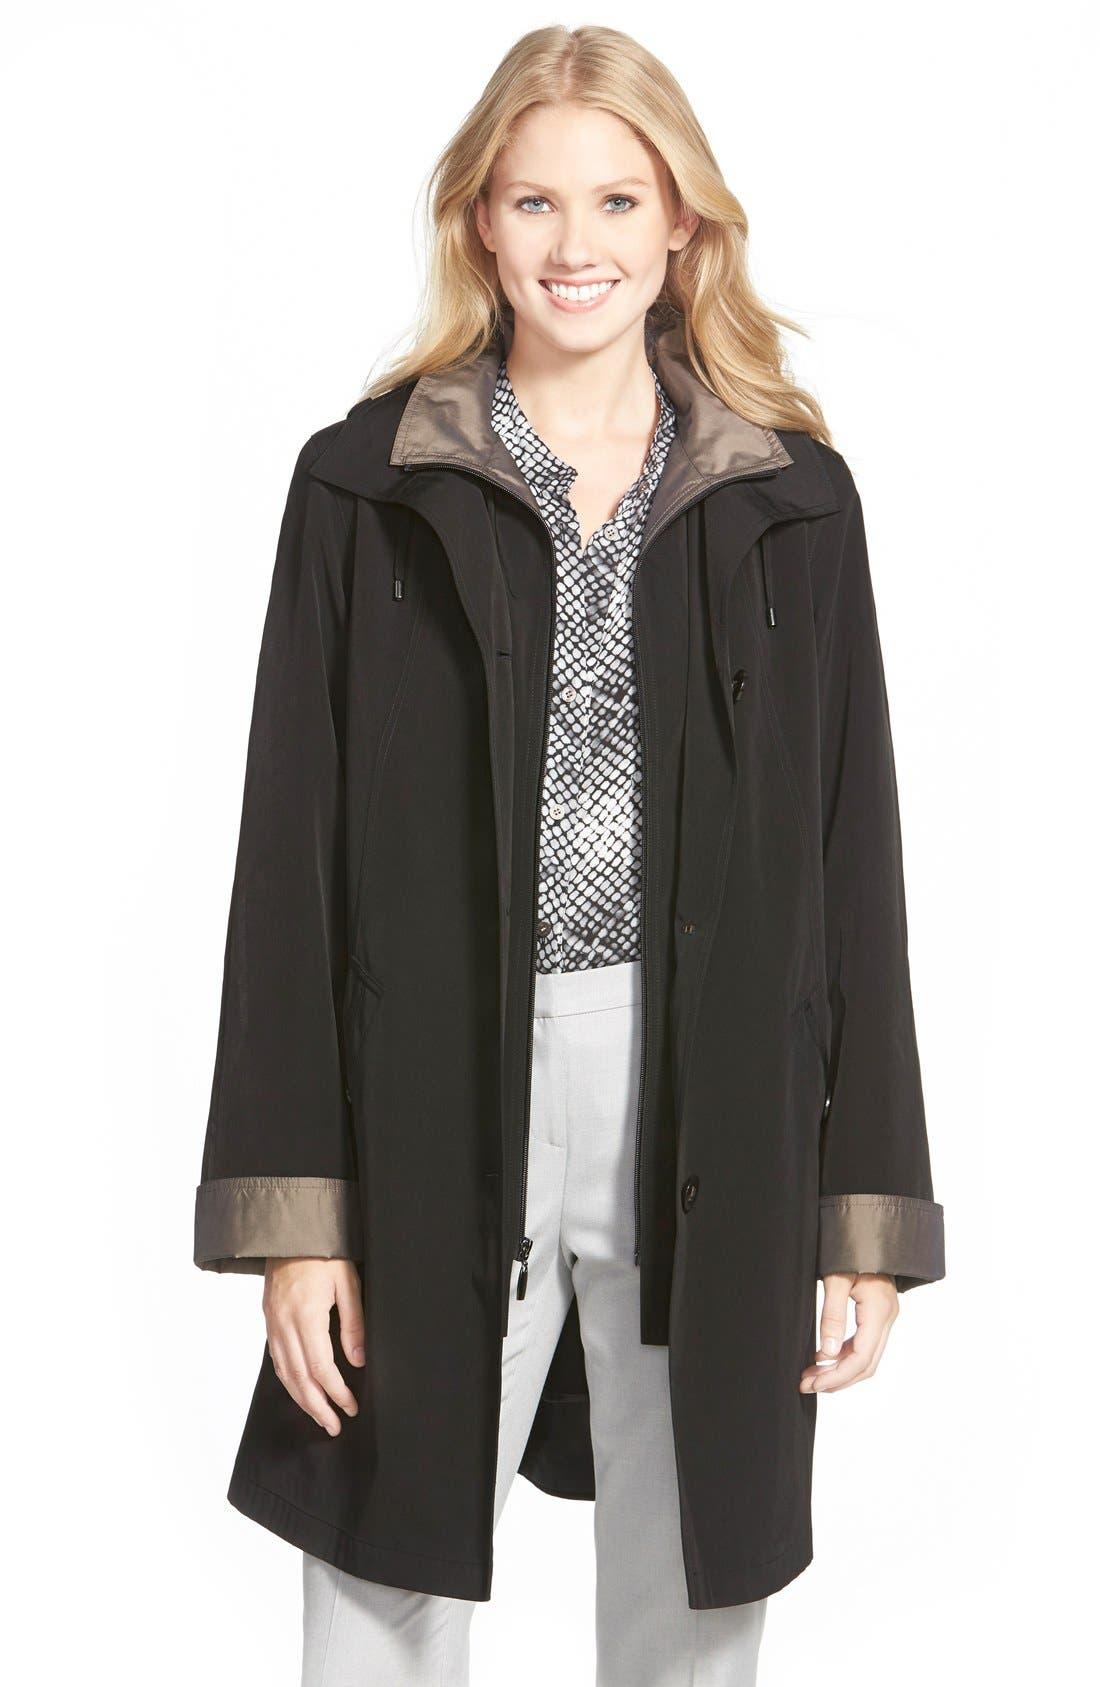 Main Image - Gallery Two Tone Long Silk Look Raincoat (Regular & Petite)